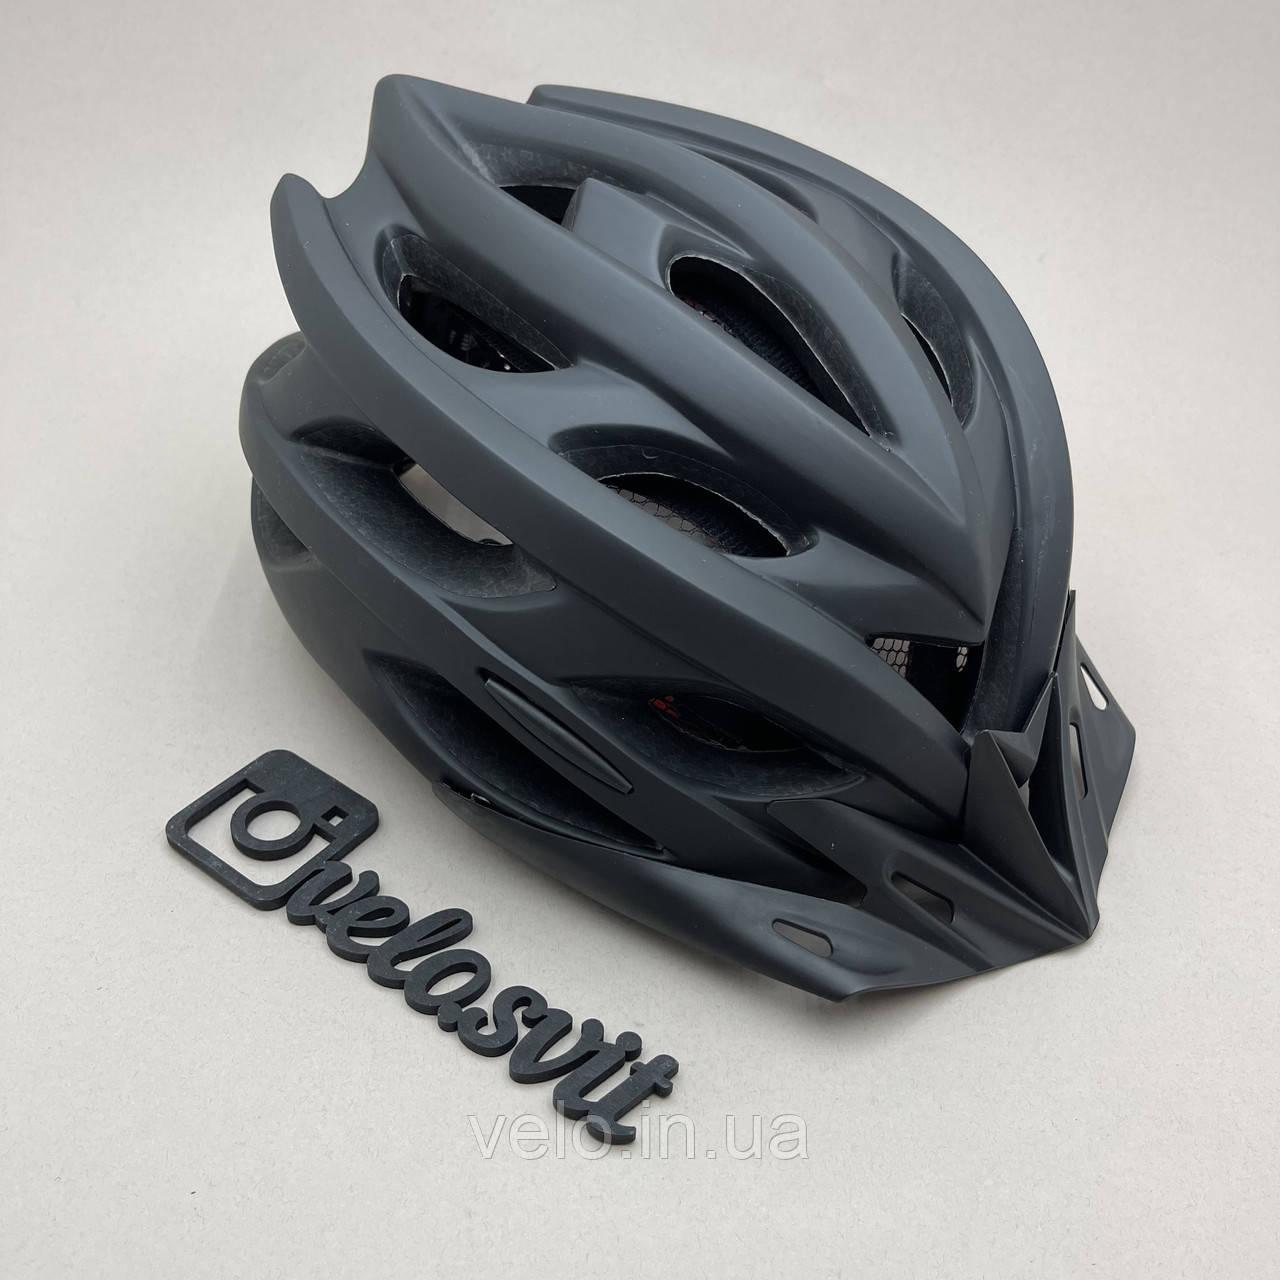 Чорний матовий шолом, шолом для велосипеда